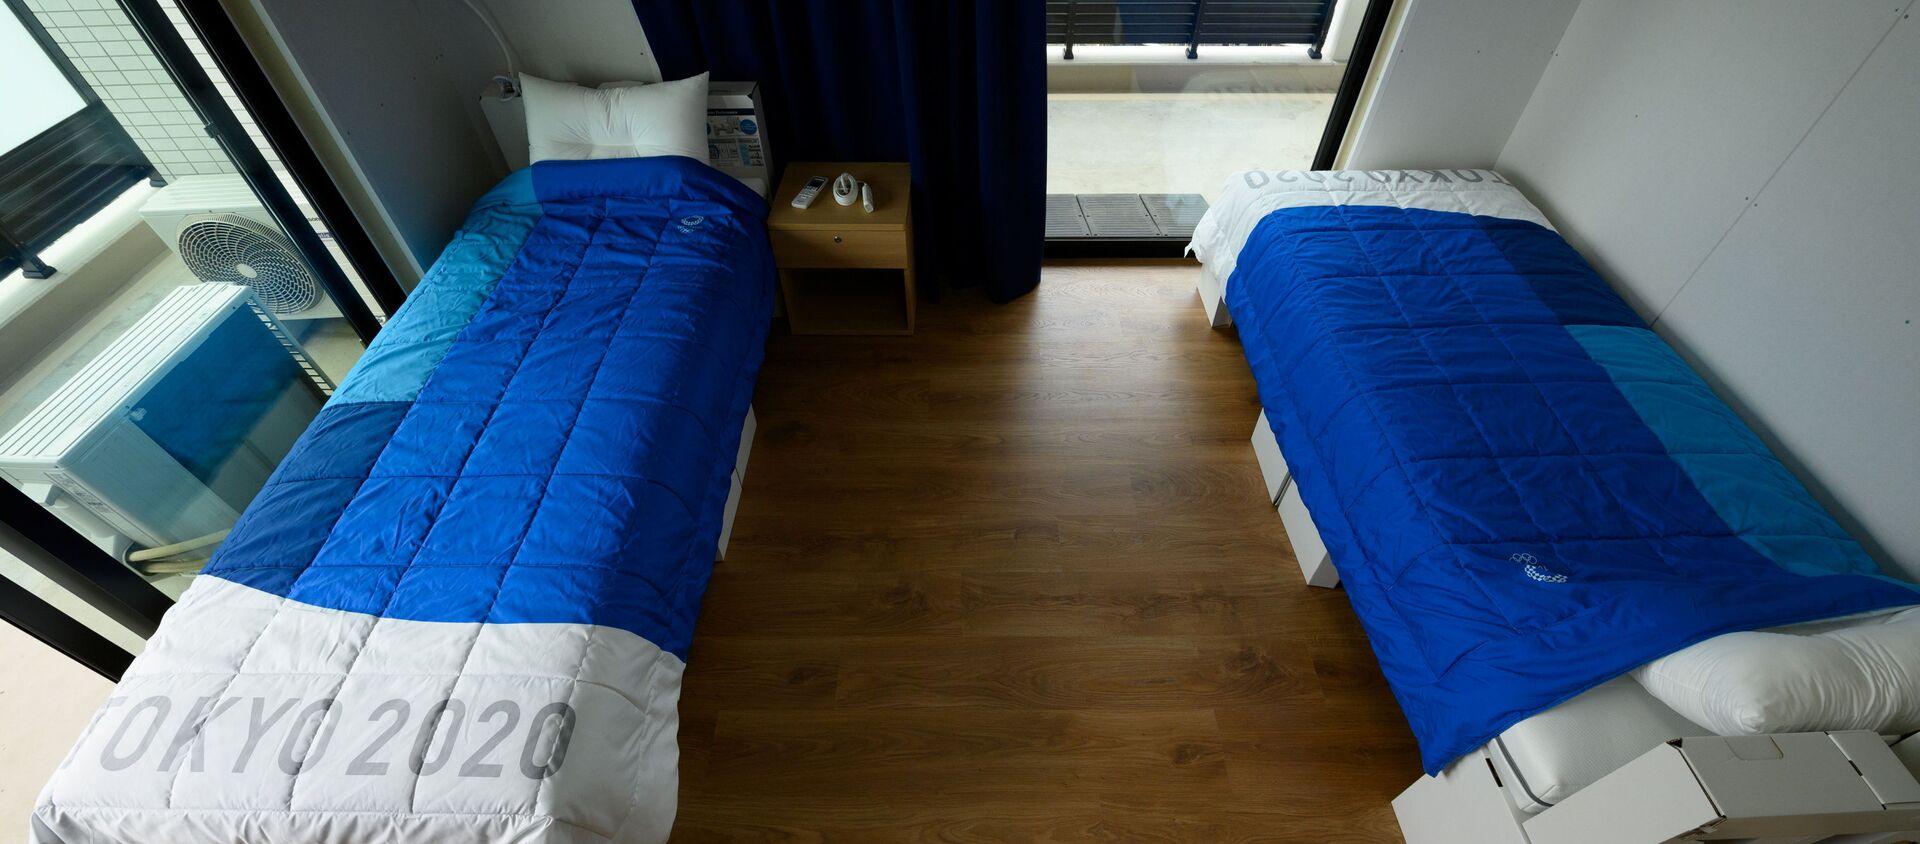 Những chiếc giường bằng bìa cứng ở Làng Olympic Tokyo - Sputnik Việt Nam, 1920, 21.07.2021